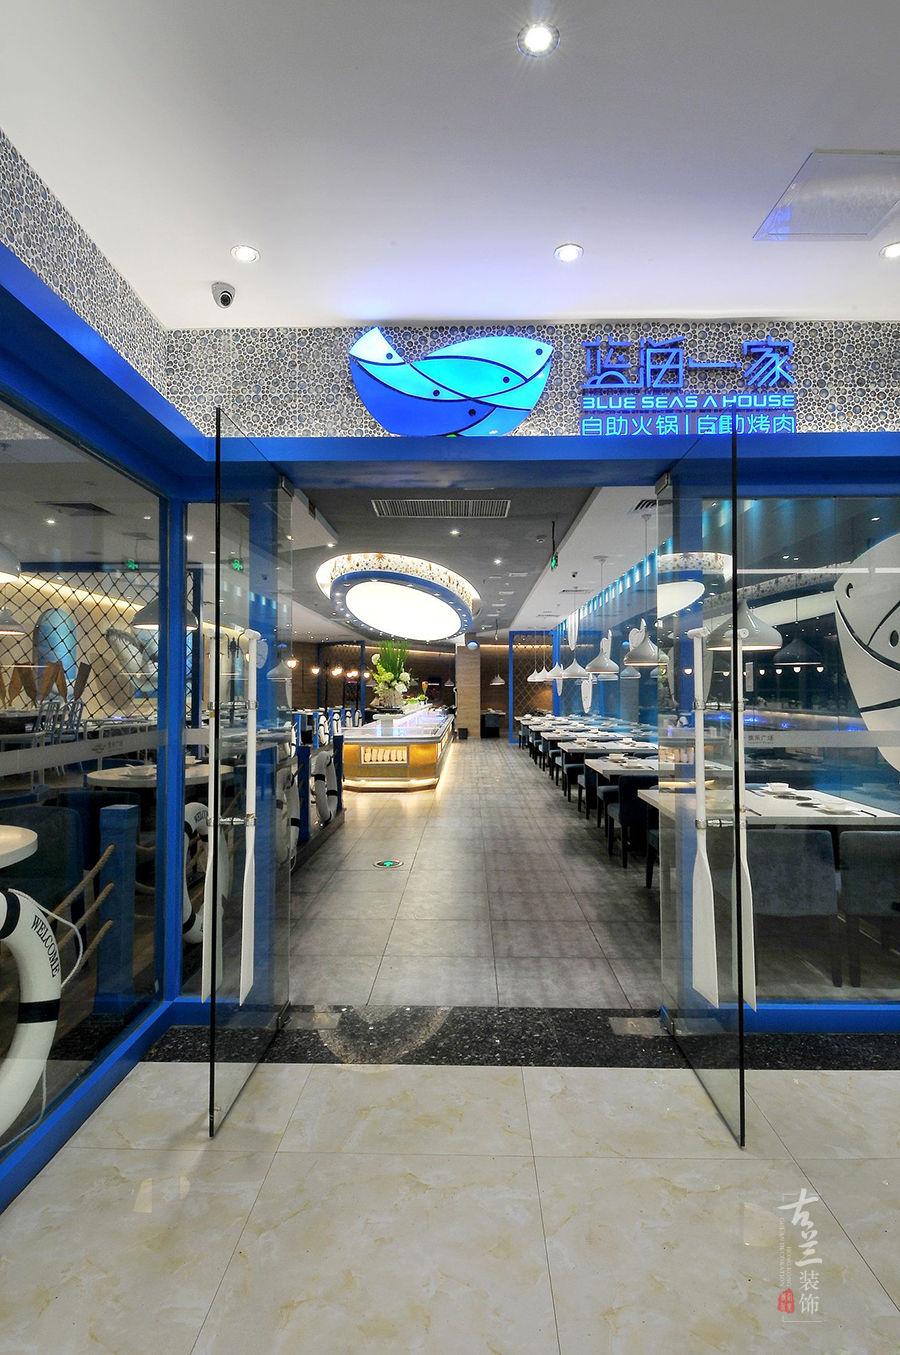 蓝海一家自助餐厅-成都专业特色餐厅装修设计公司